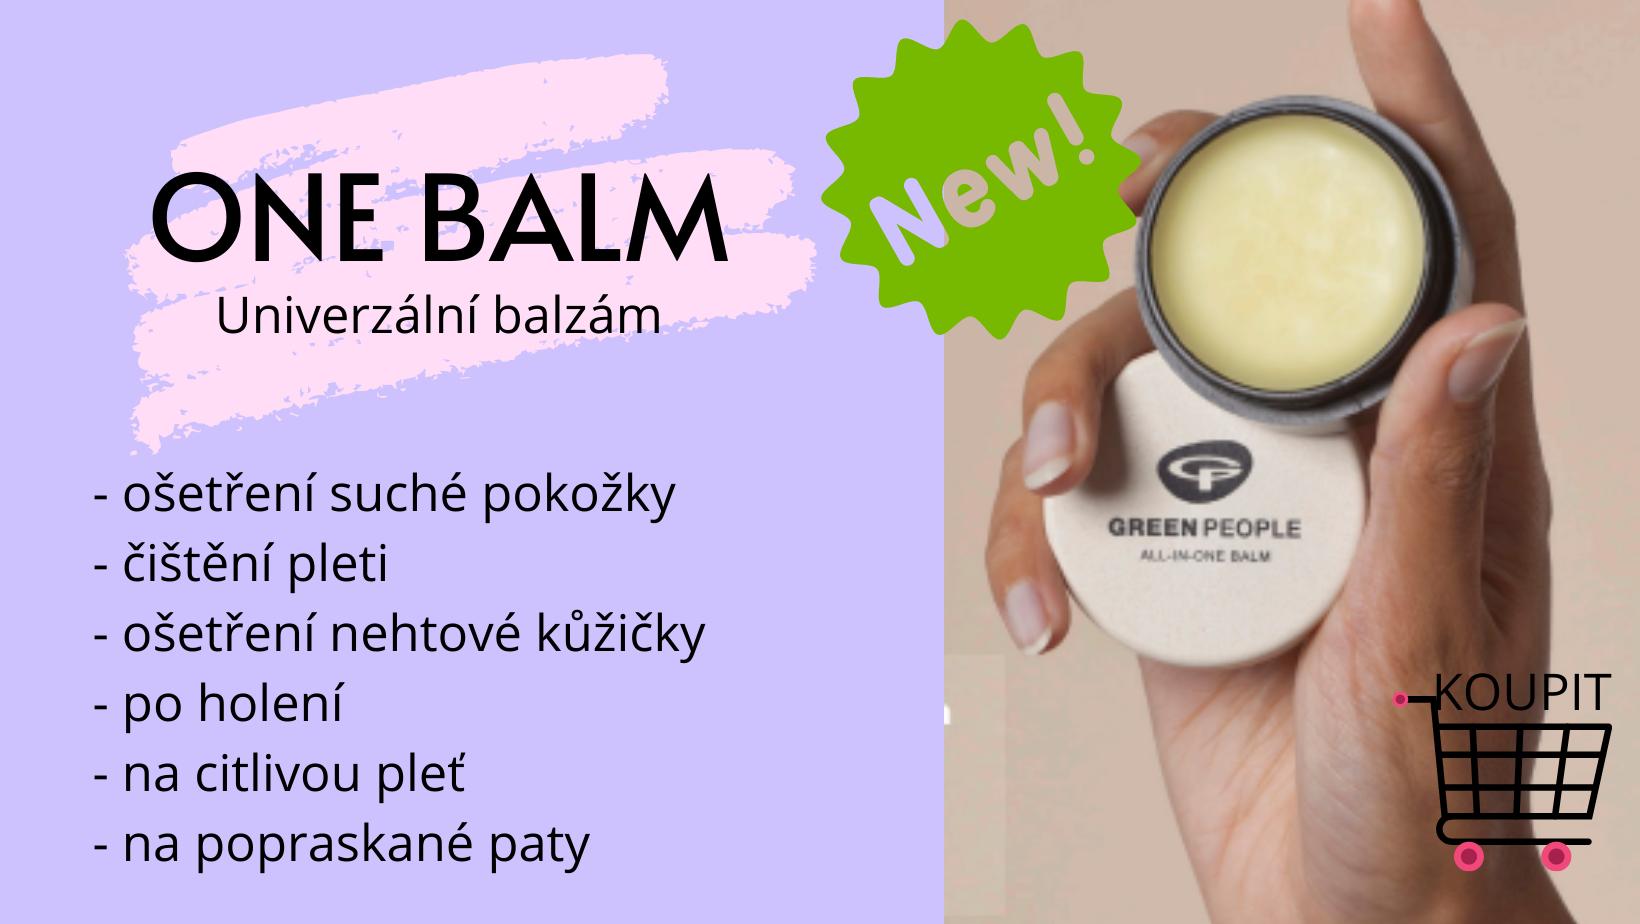 one balm